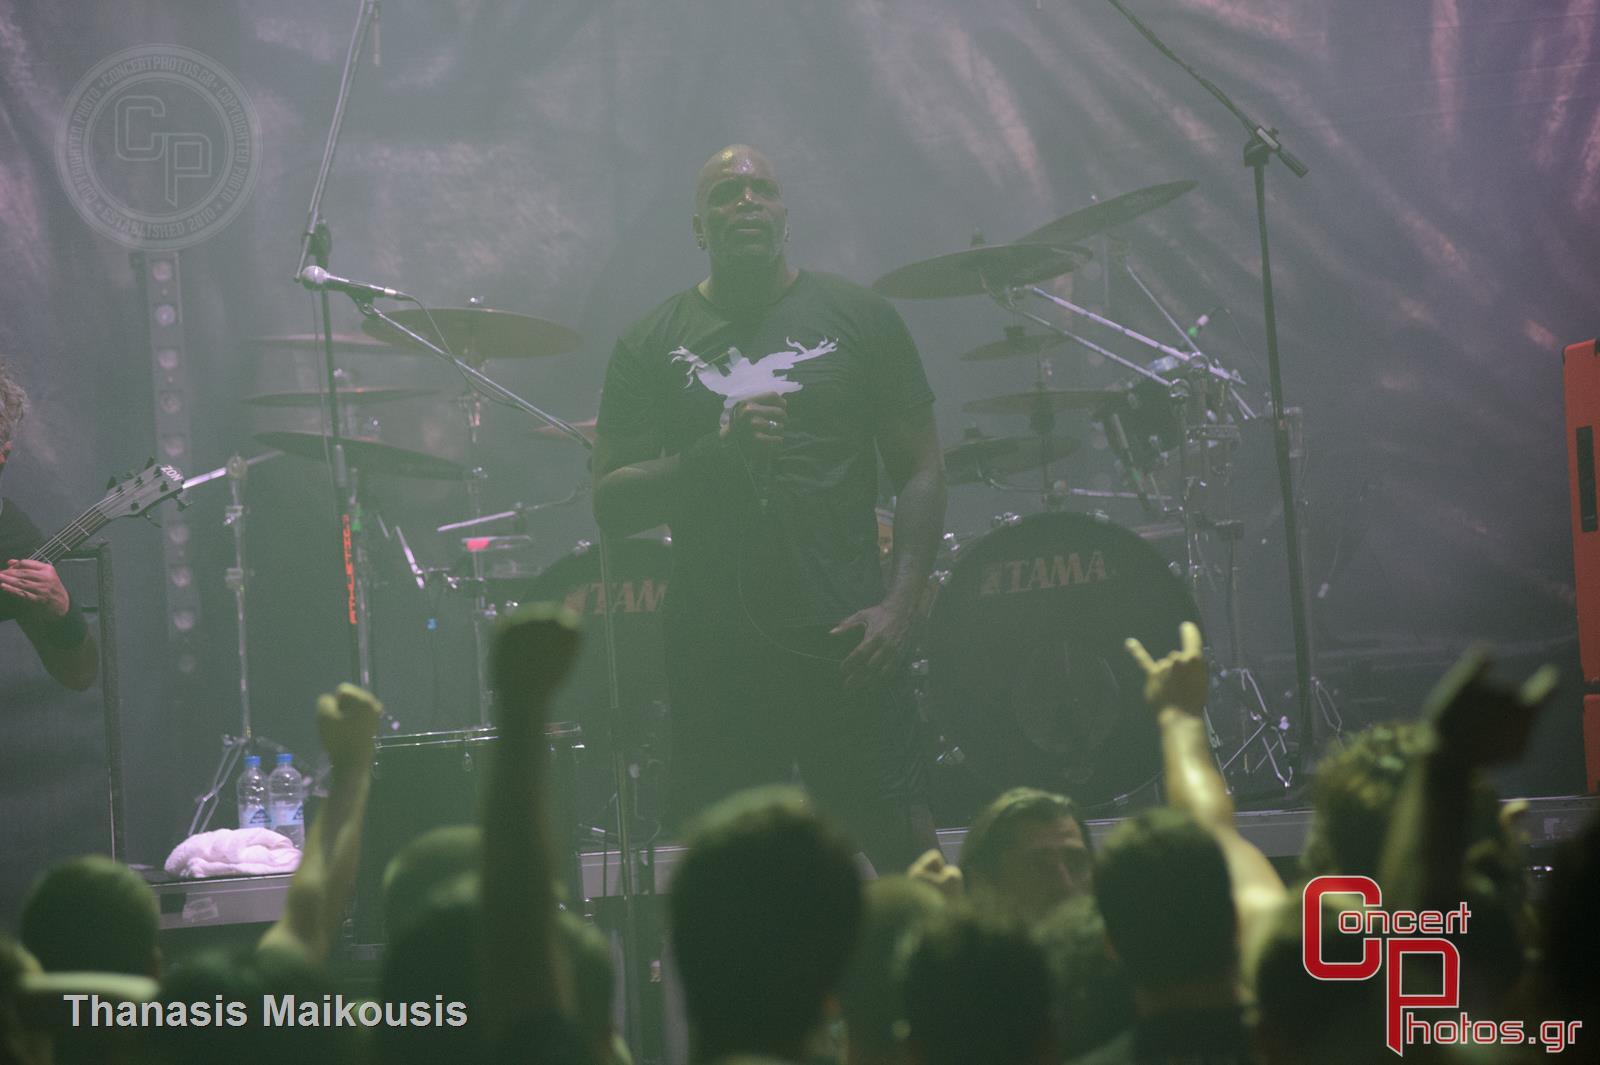 Sepultura-Sepultira photographer: Thanasis Maikousis - concertphotos_20140703_23_05_02